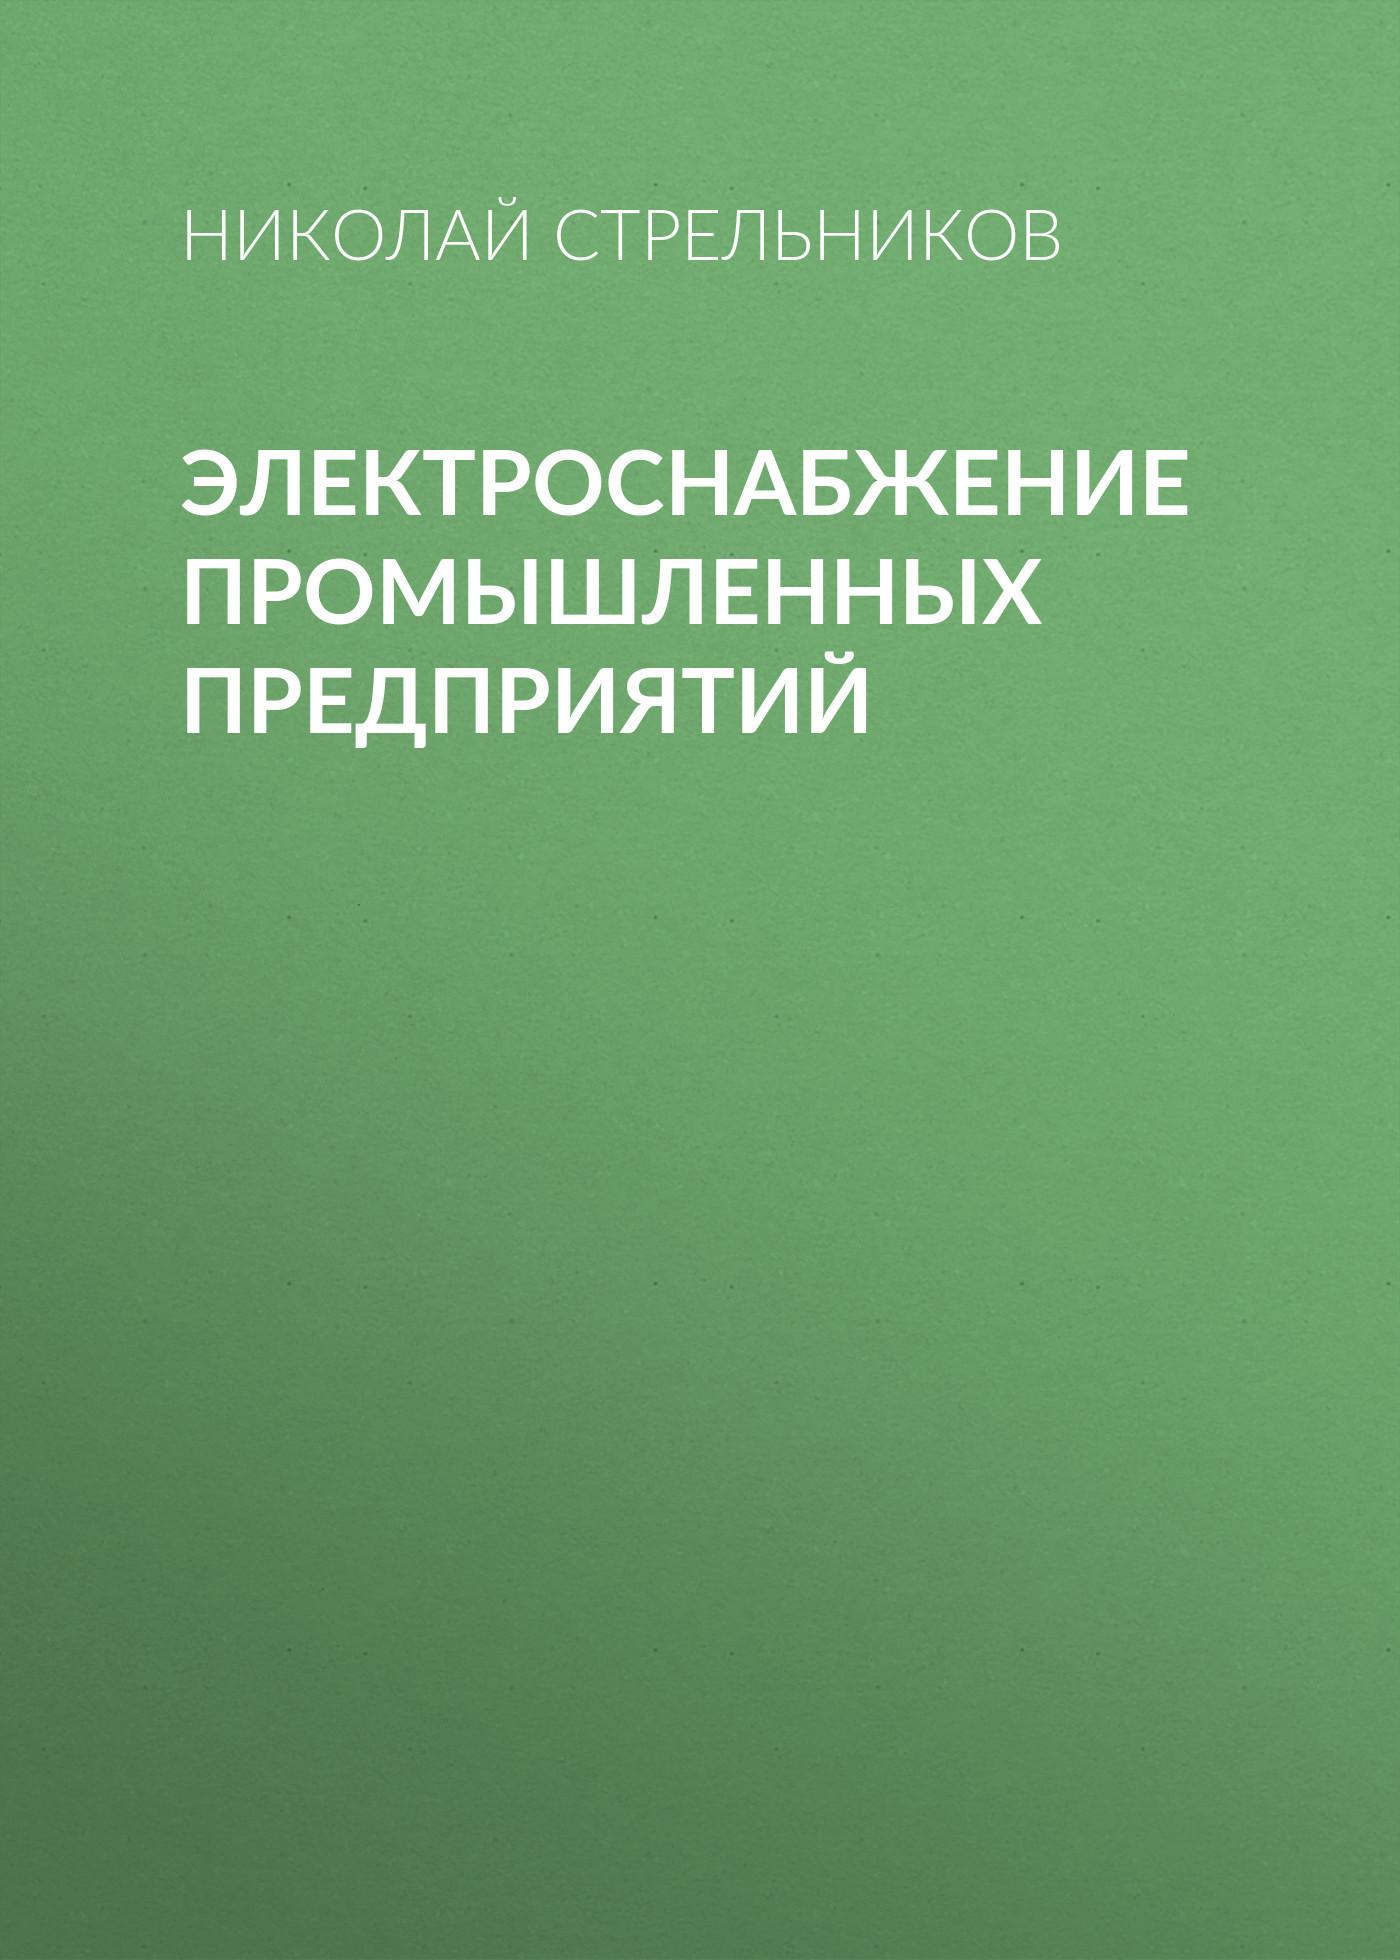 Николай Стрельников Электроснабжение промышленных предприятий стрельников николай михайлович лоло